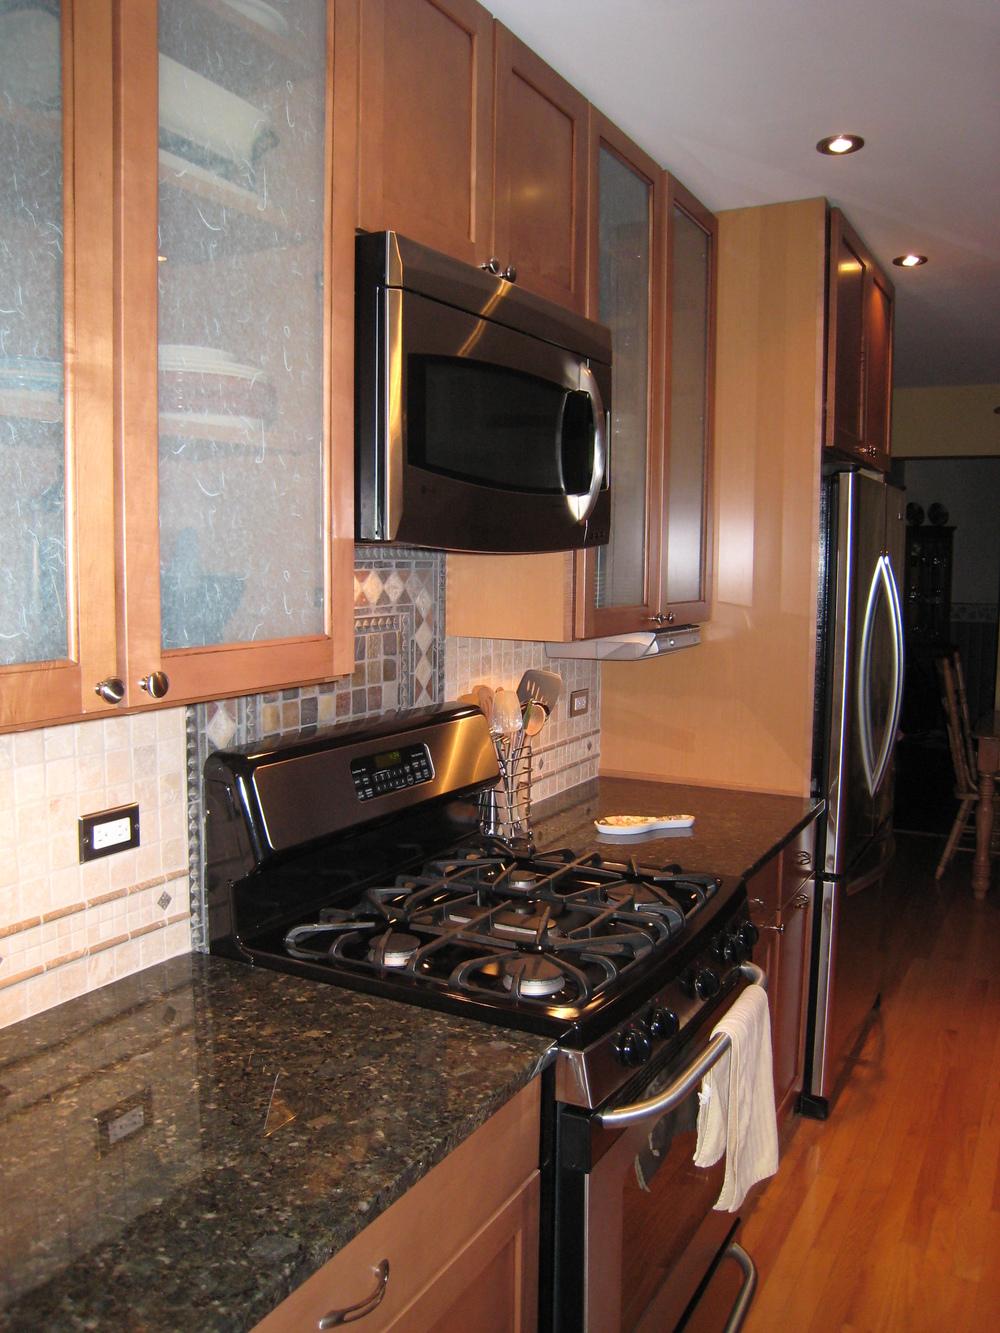 2007 Nov Kitchen Etc 033.JPG